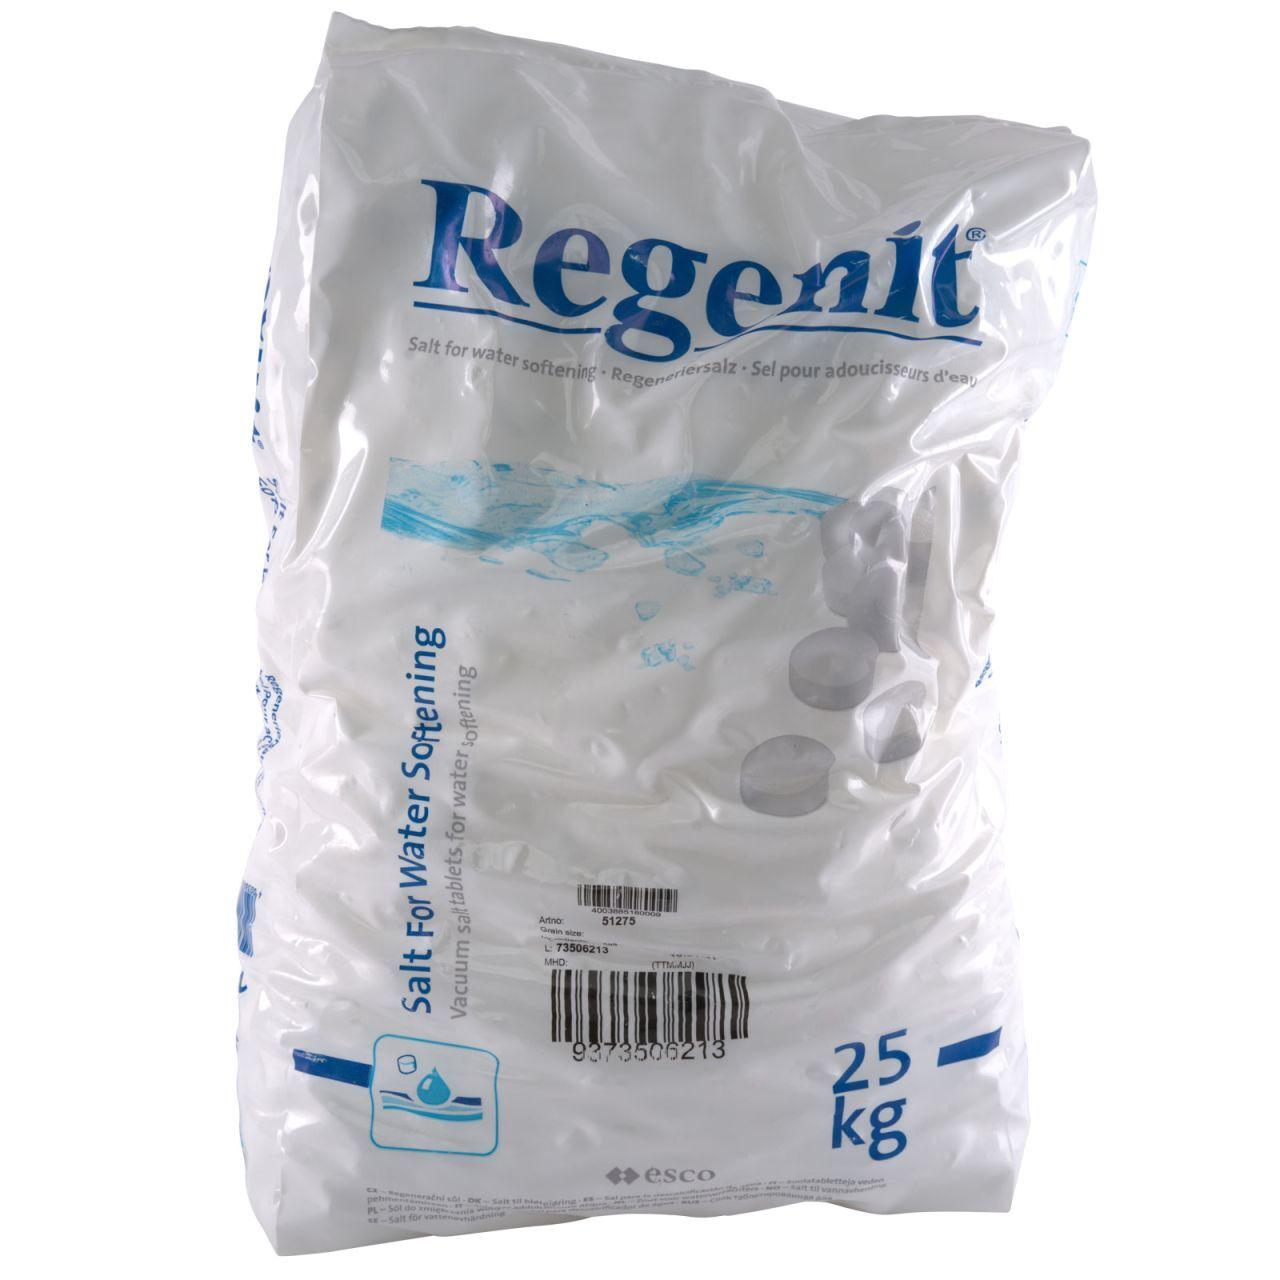 Regenit 100 kg Tablettes de sel raffiné Regenit® pour la régénération des adoucisseur...